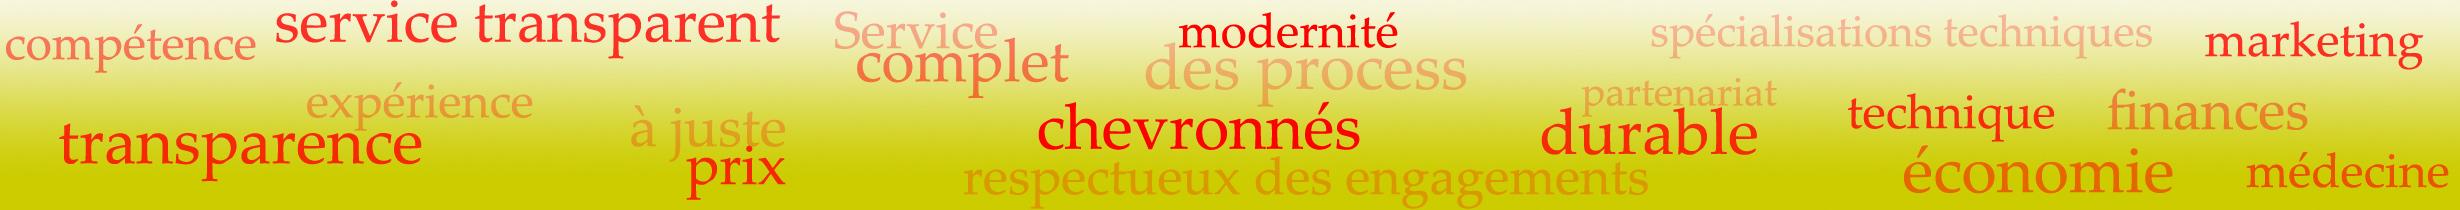 Konferenzdolmetscher Französisch-Deutsch-Englisch-Chinesisch